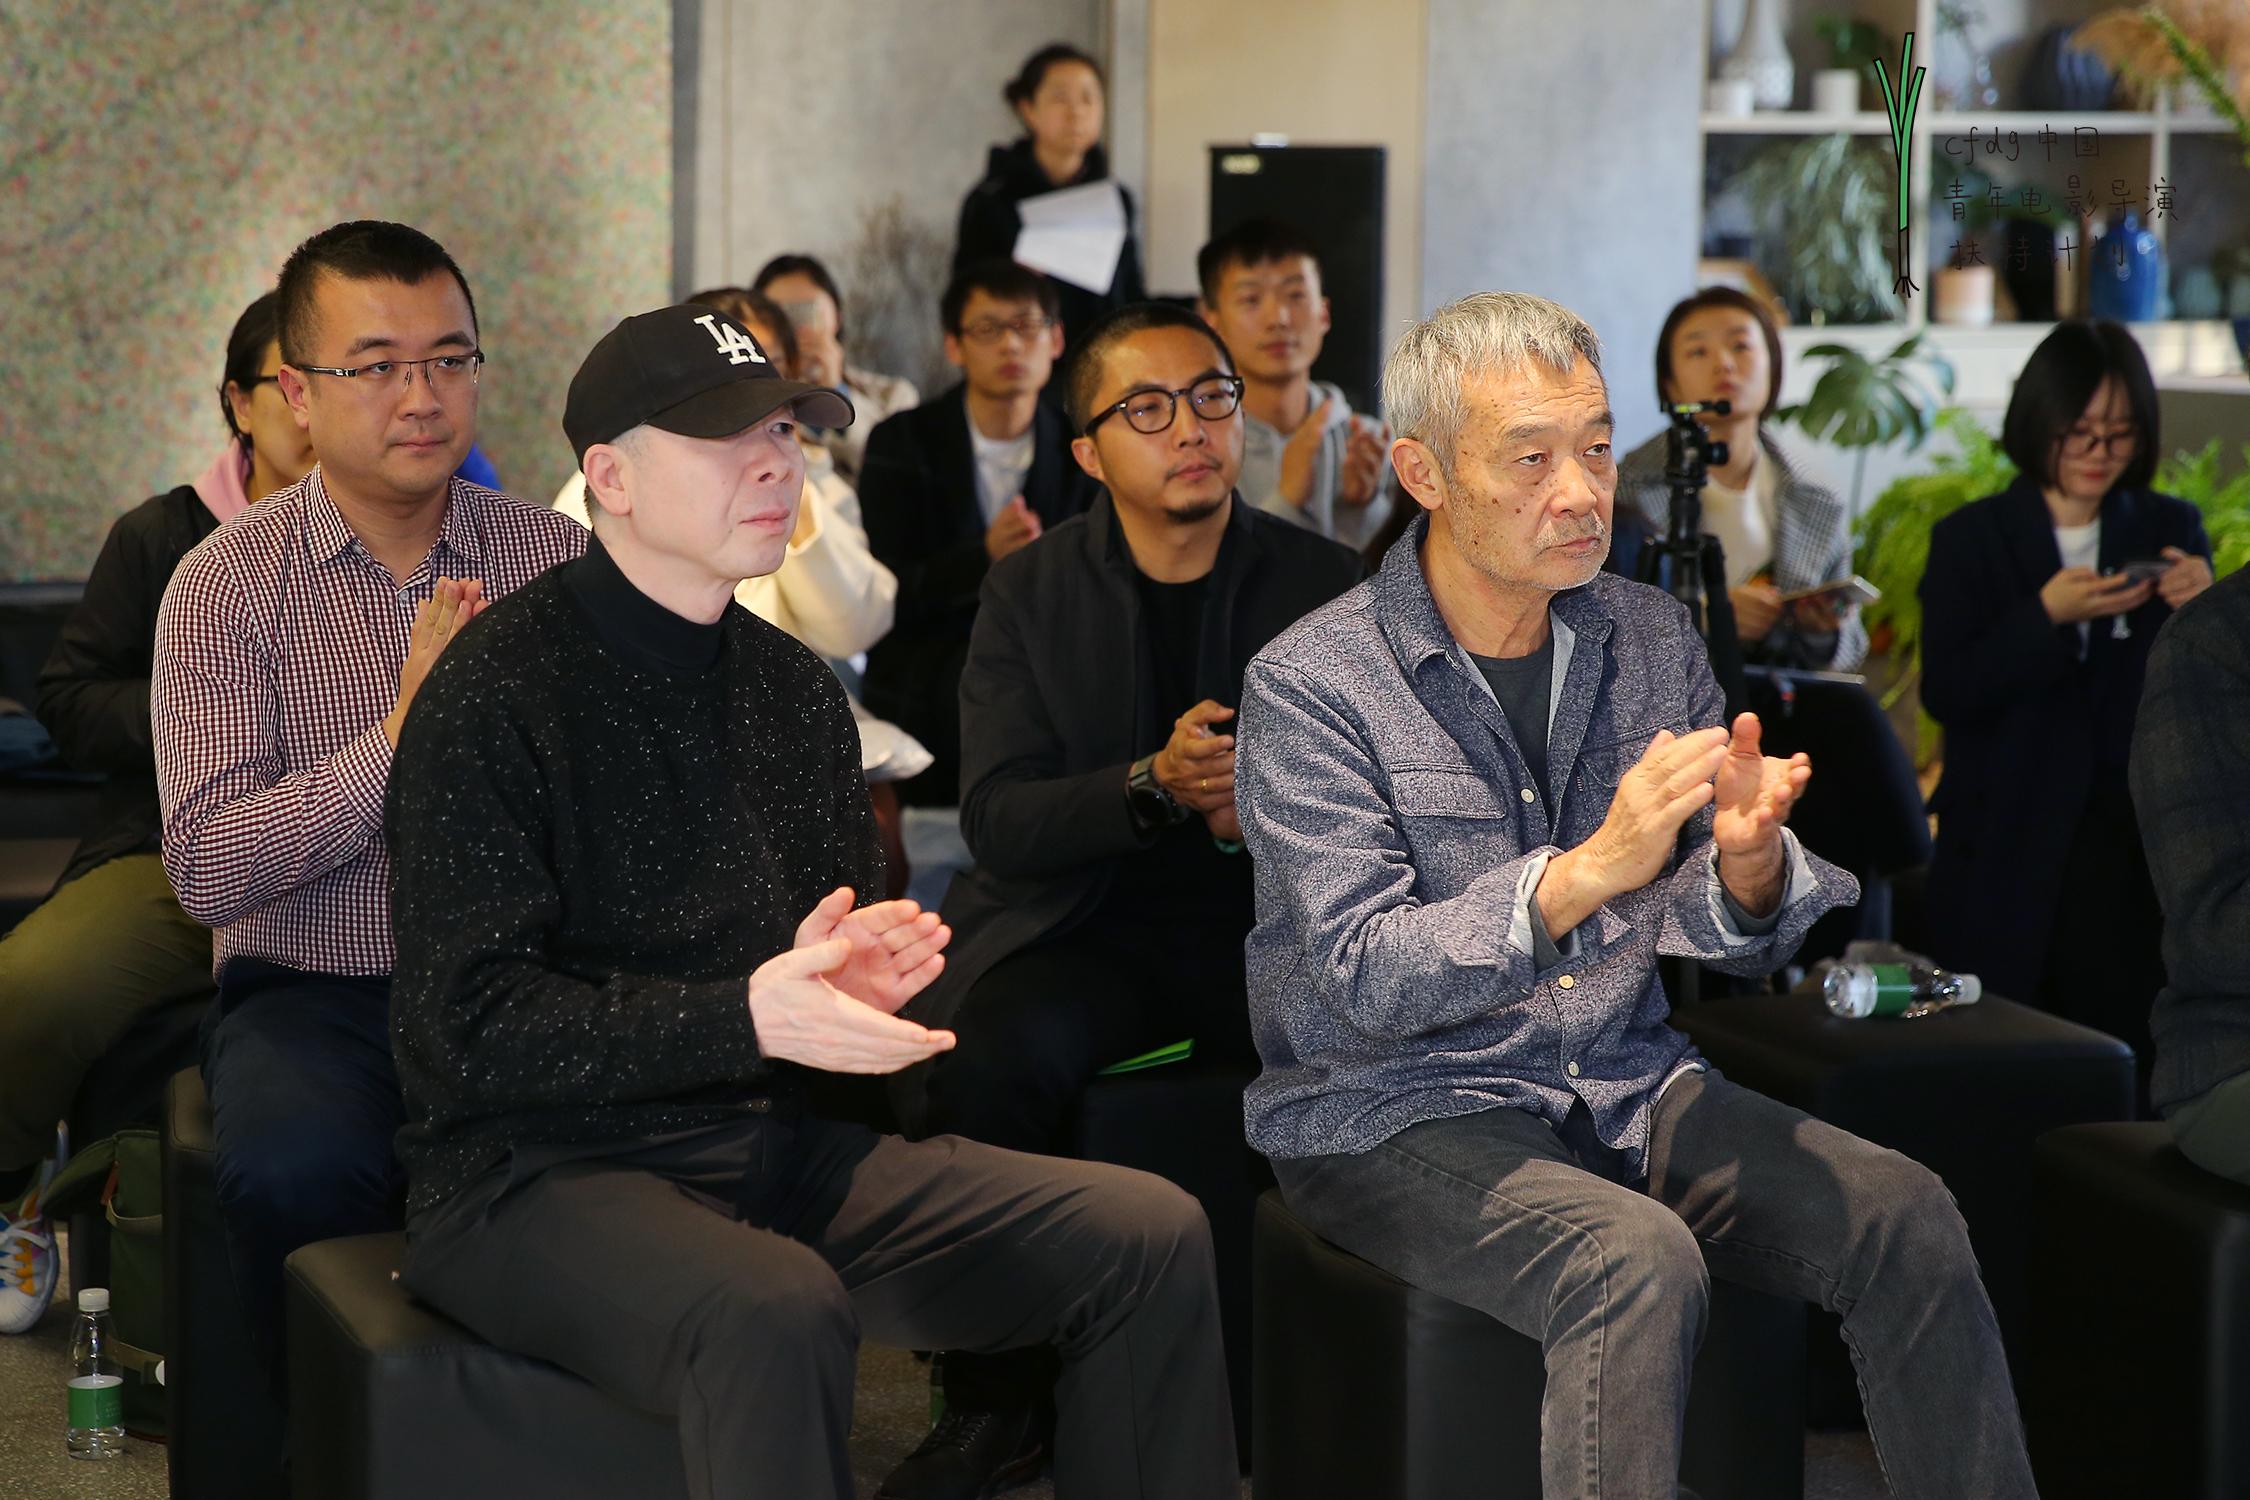 扩招海外华人 青葱锐意前行 第四届青葱计划宣布正式启动